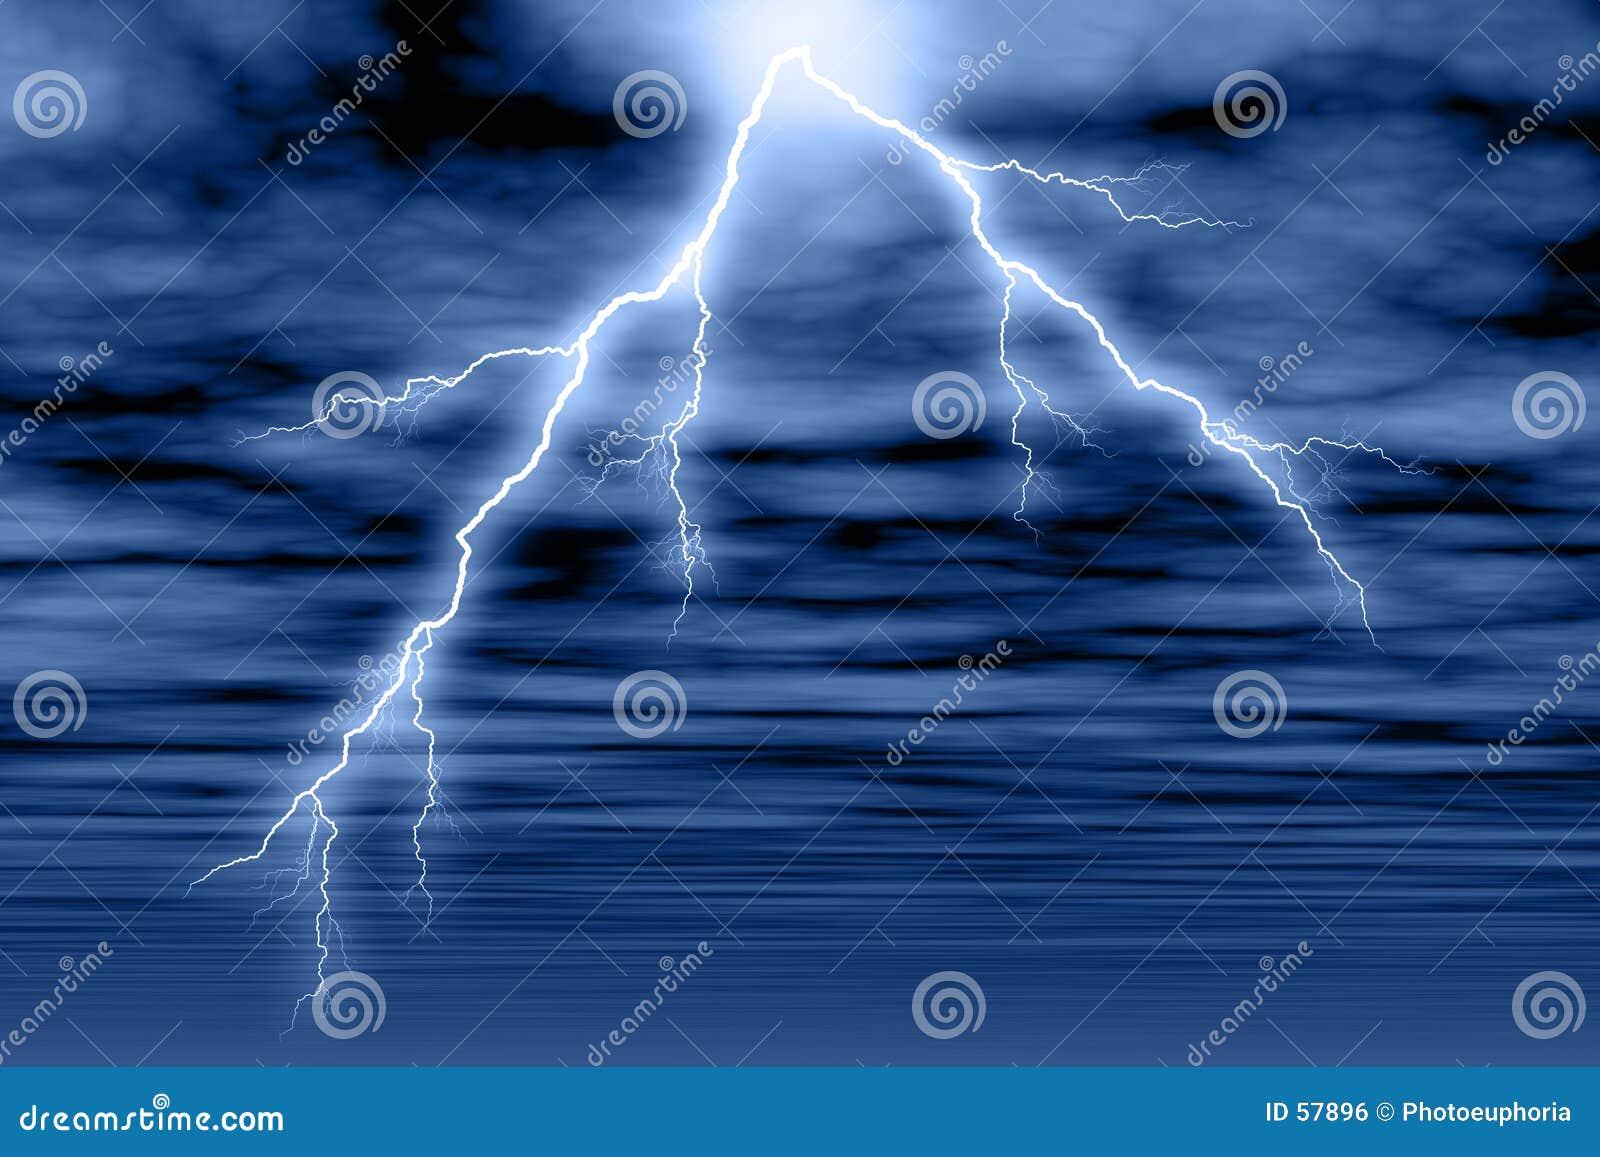 Nuvem & relâmpago de tempestade